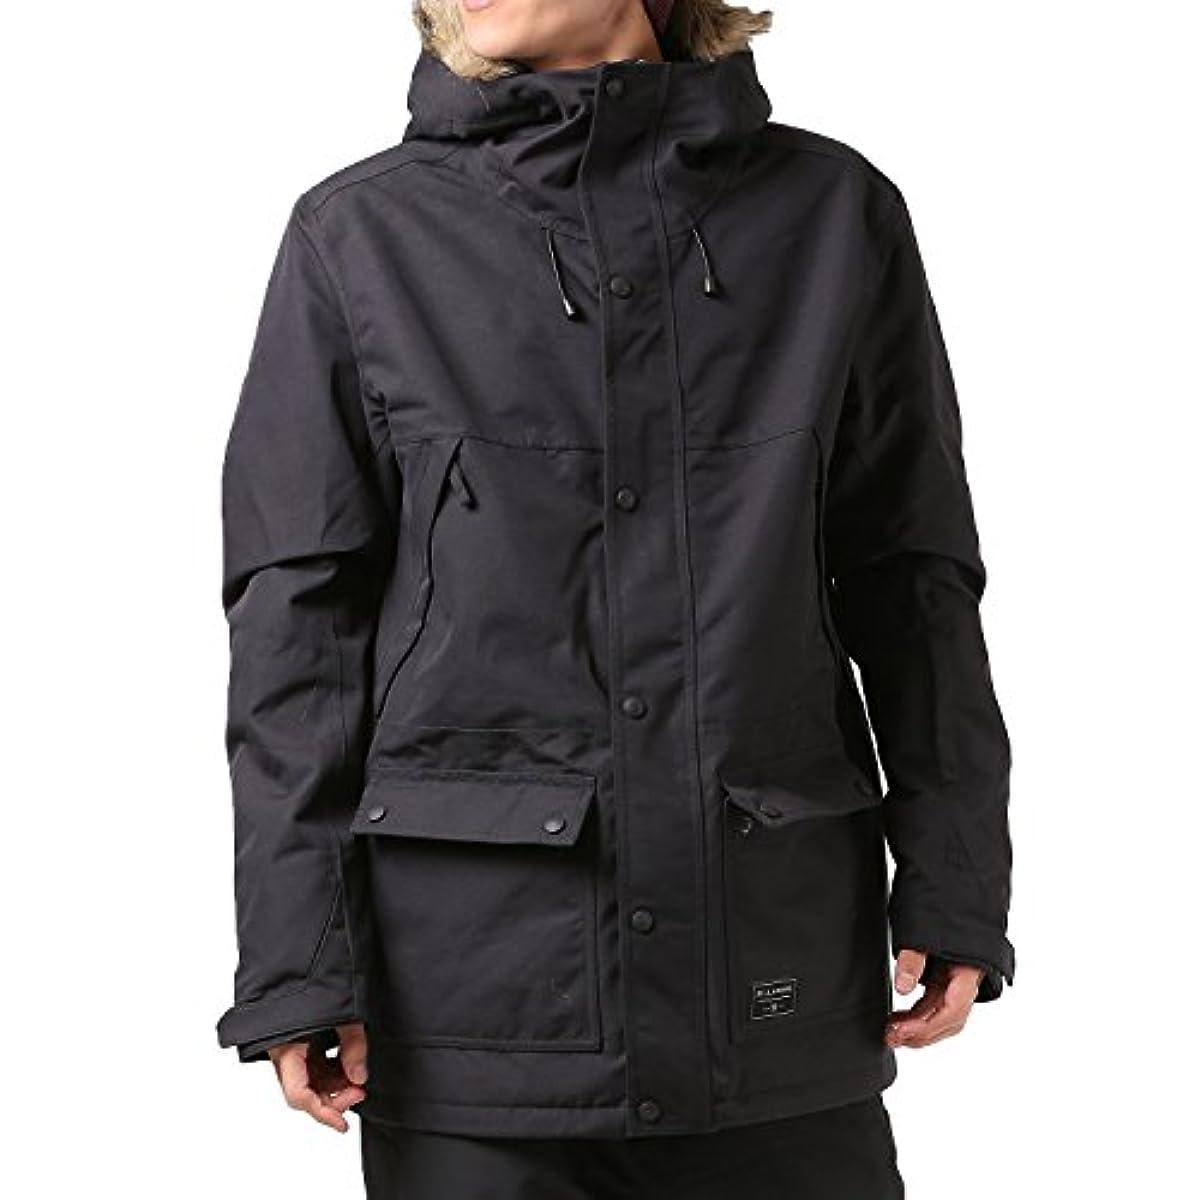 [해외] BILLABONG 빌라봉 스노보드 웨어 재킷 WINTER PARKA JK 17-18모델 맨즈 AH01M-752